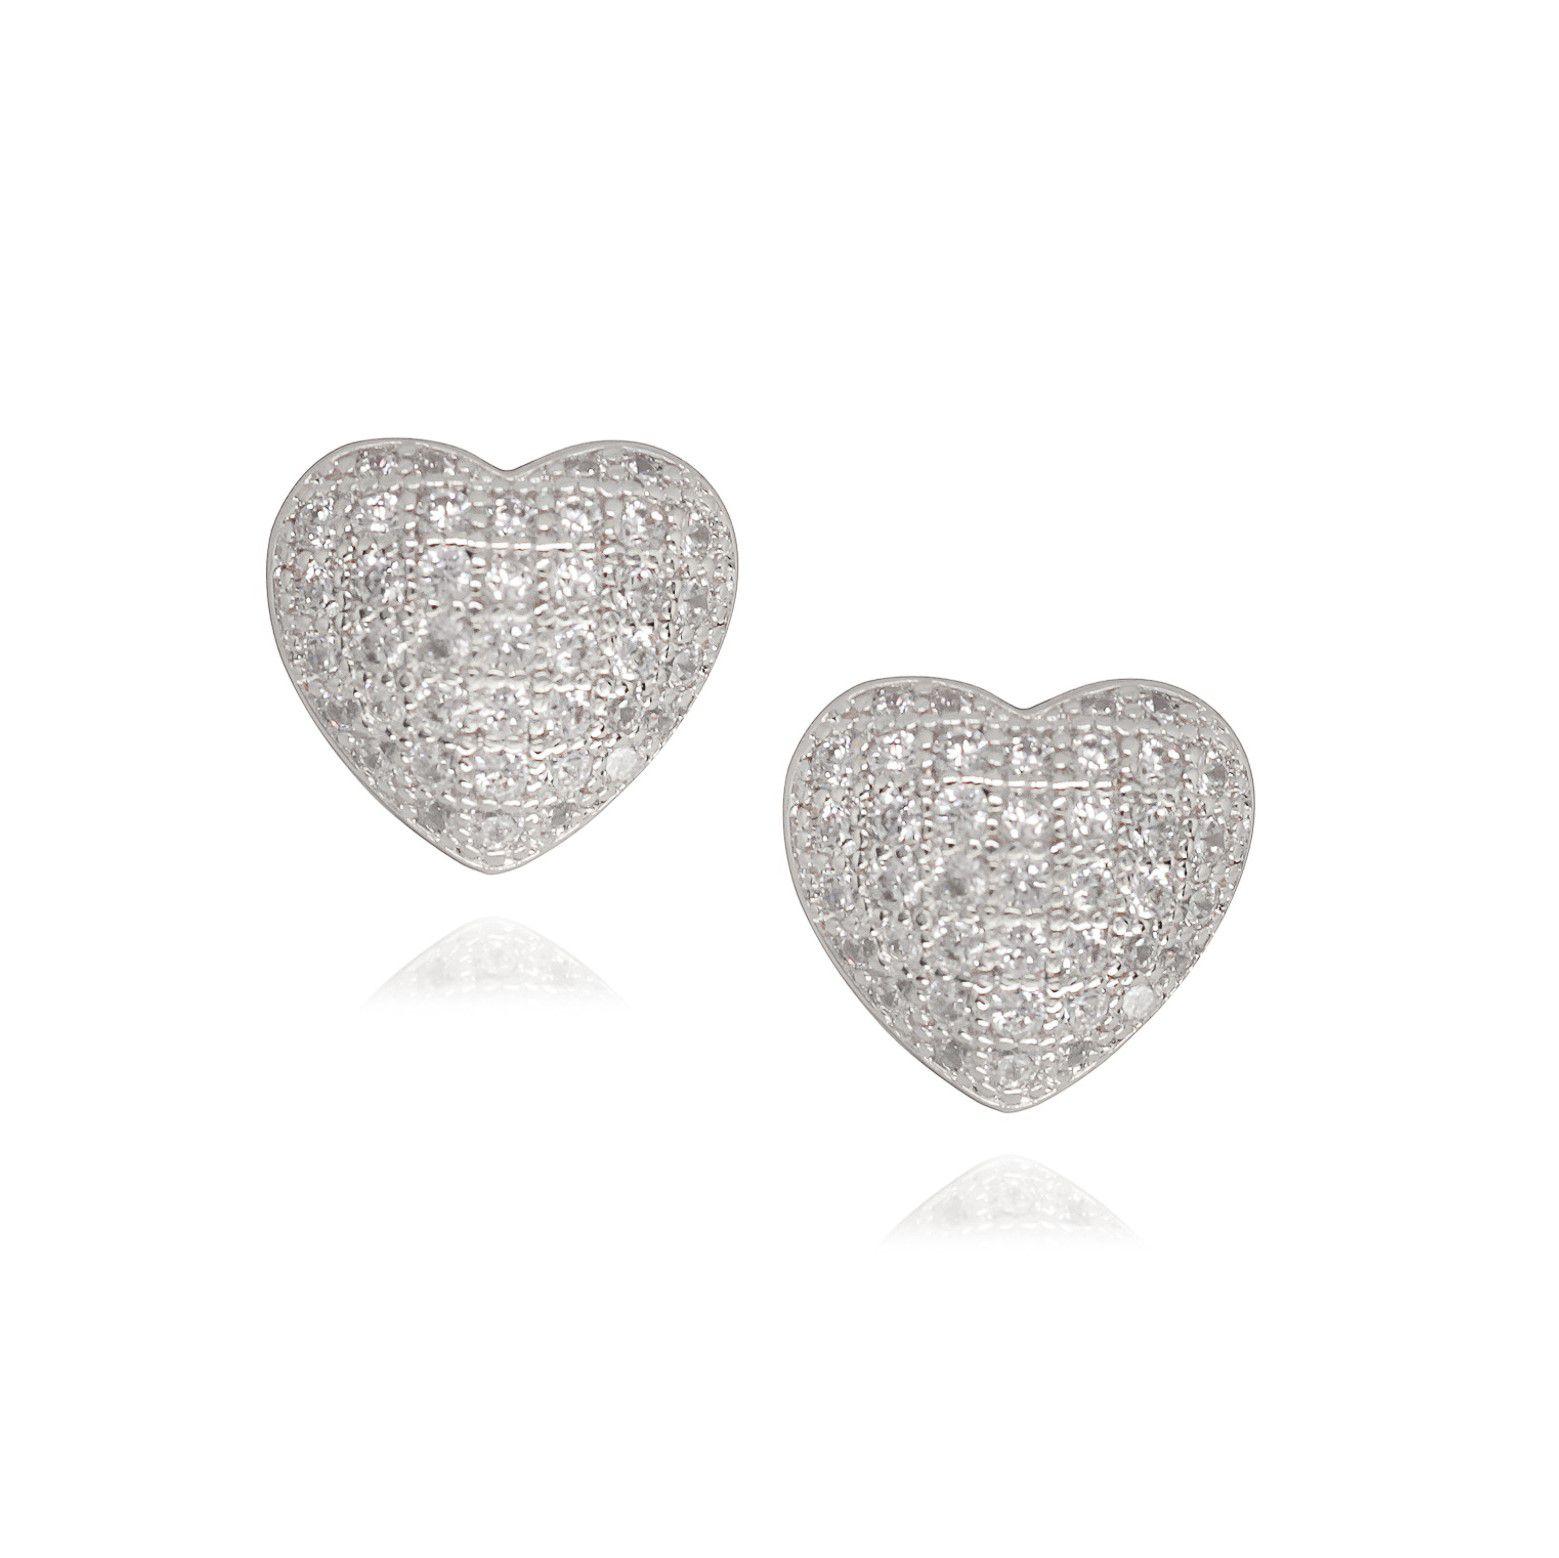 Brinco Semi joia coração cravejado em microzircônia folheado a ouro 18k ou rhodium